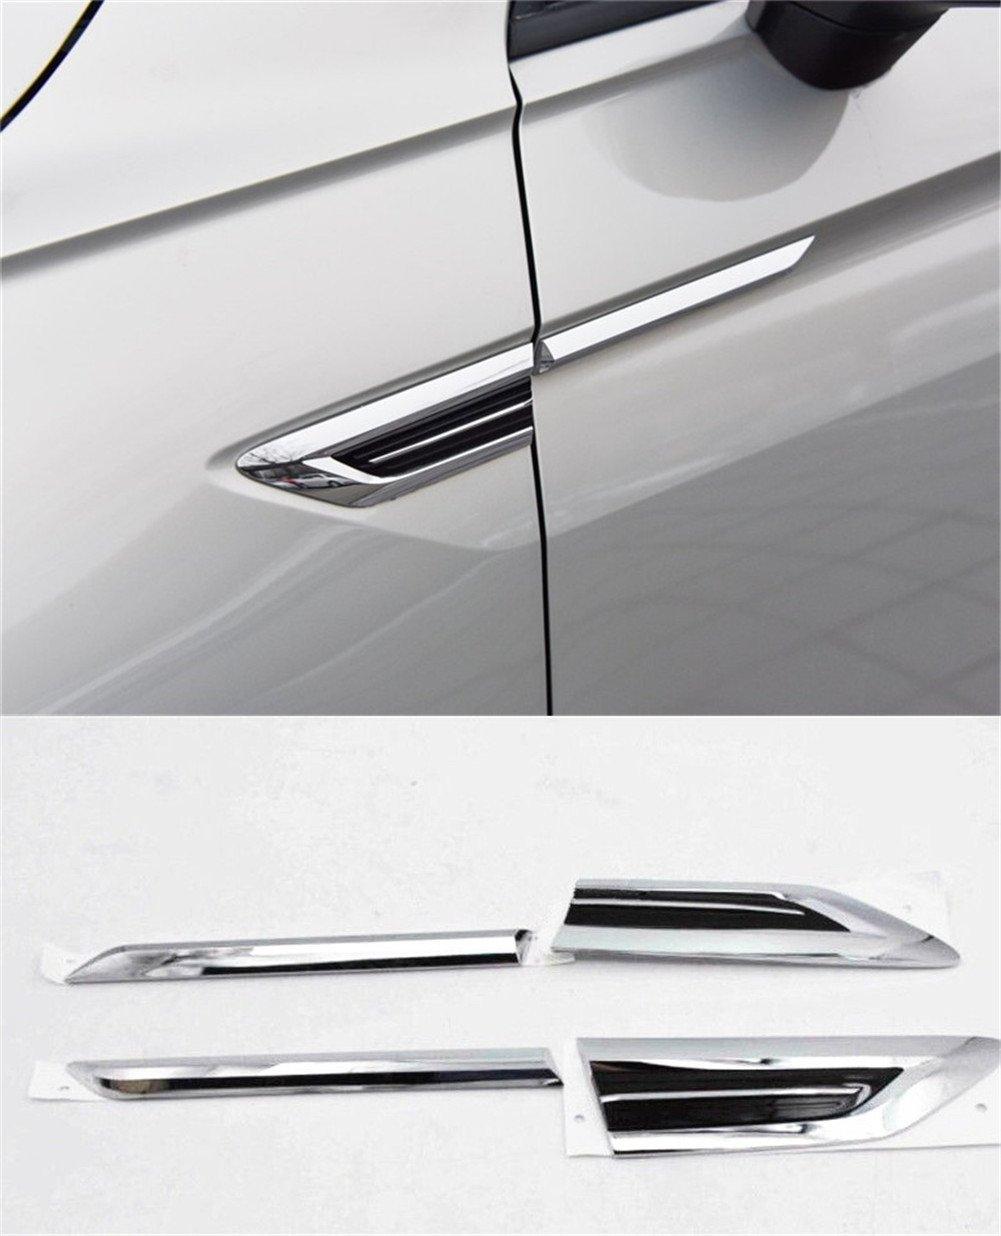 baodiparts 4Pcs Badge di decorazione dell'automobile di taglio del distintivo dell'armonia del fender dell'ala laterale